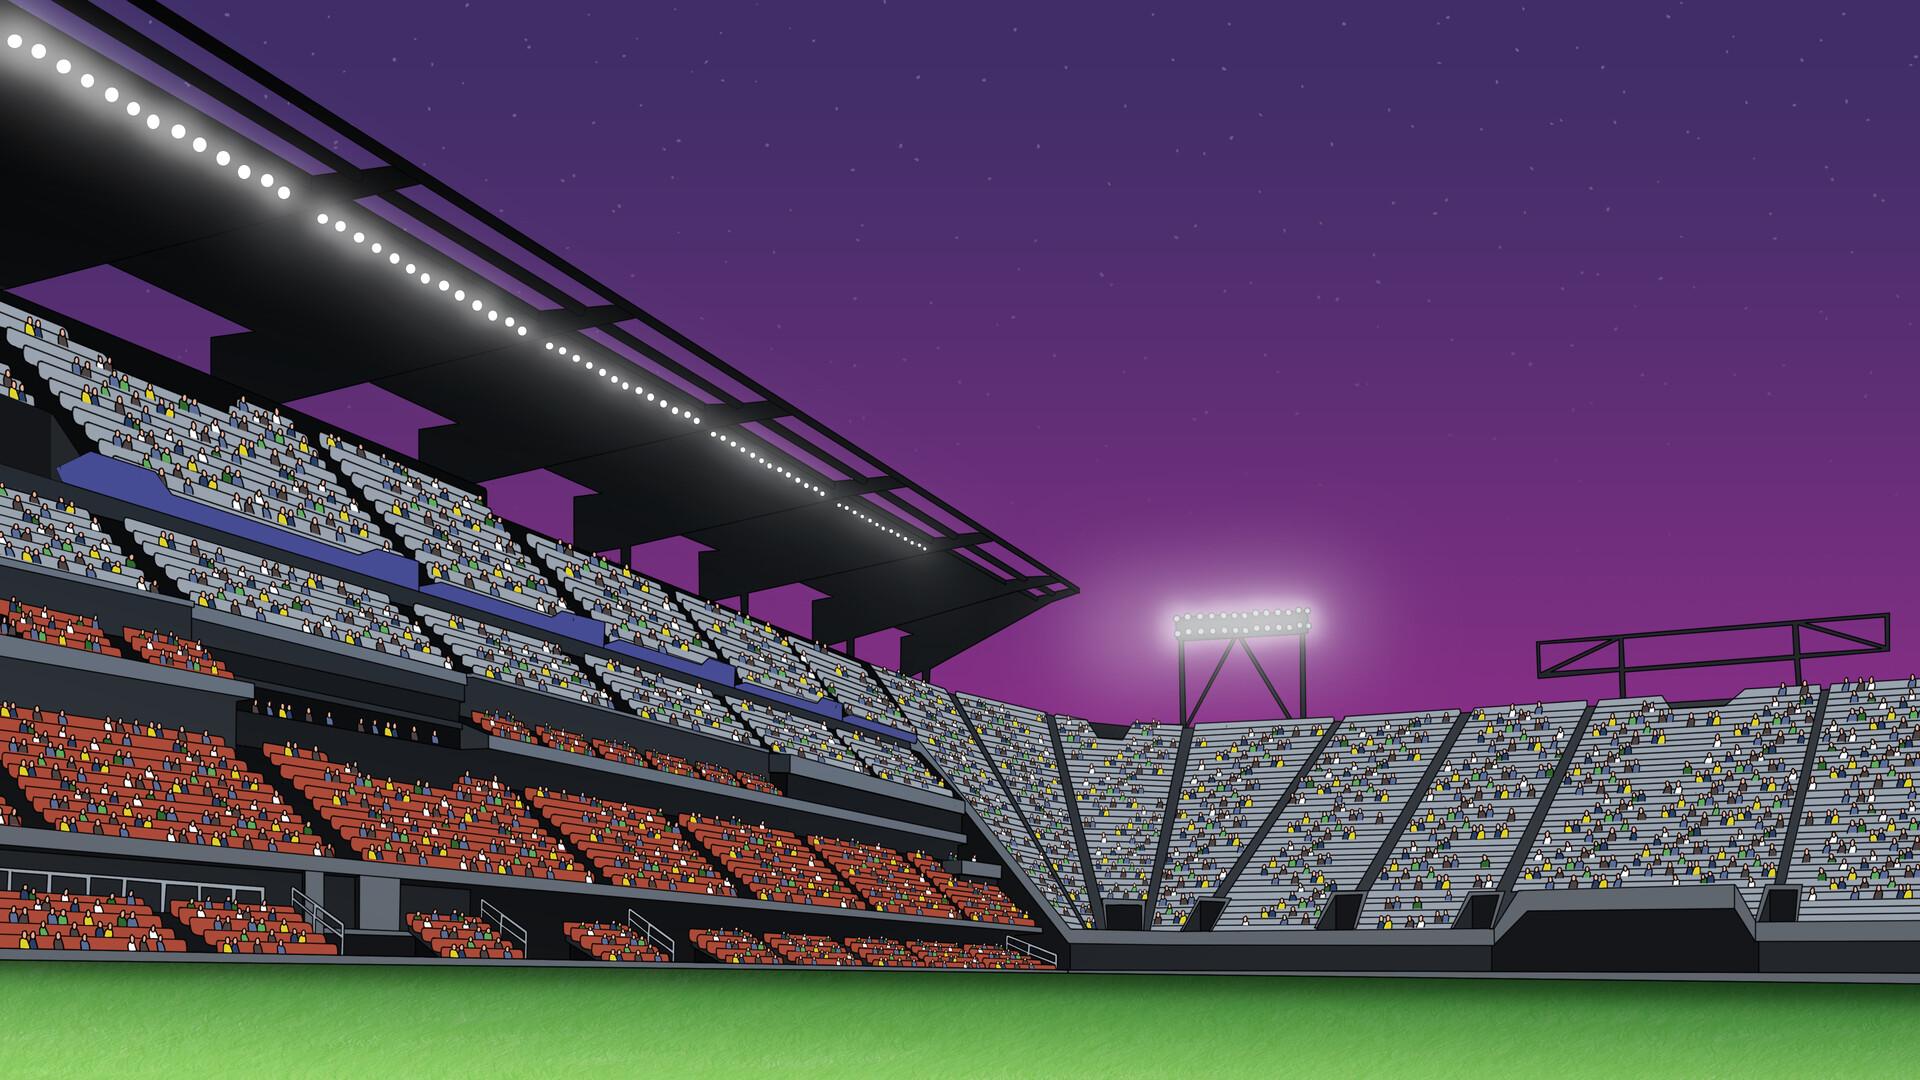 DC United stadium